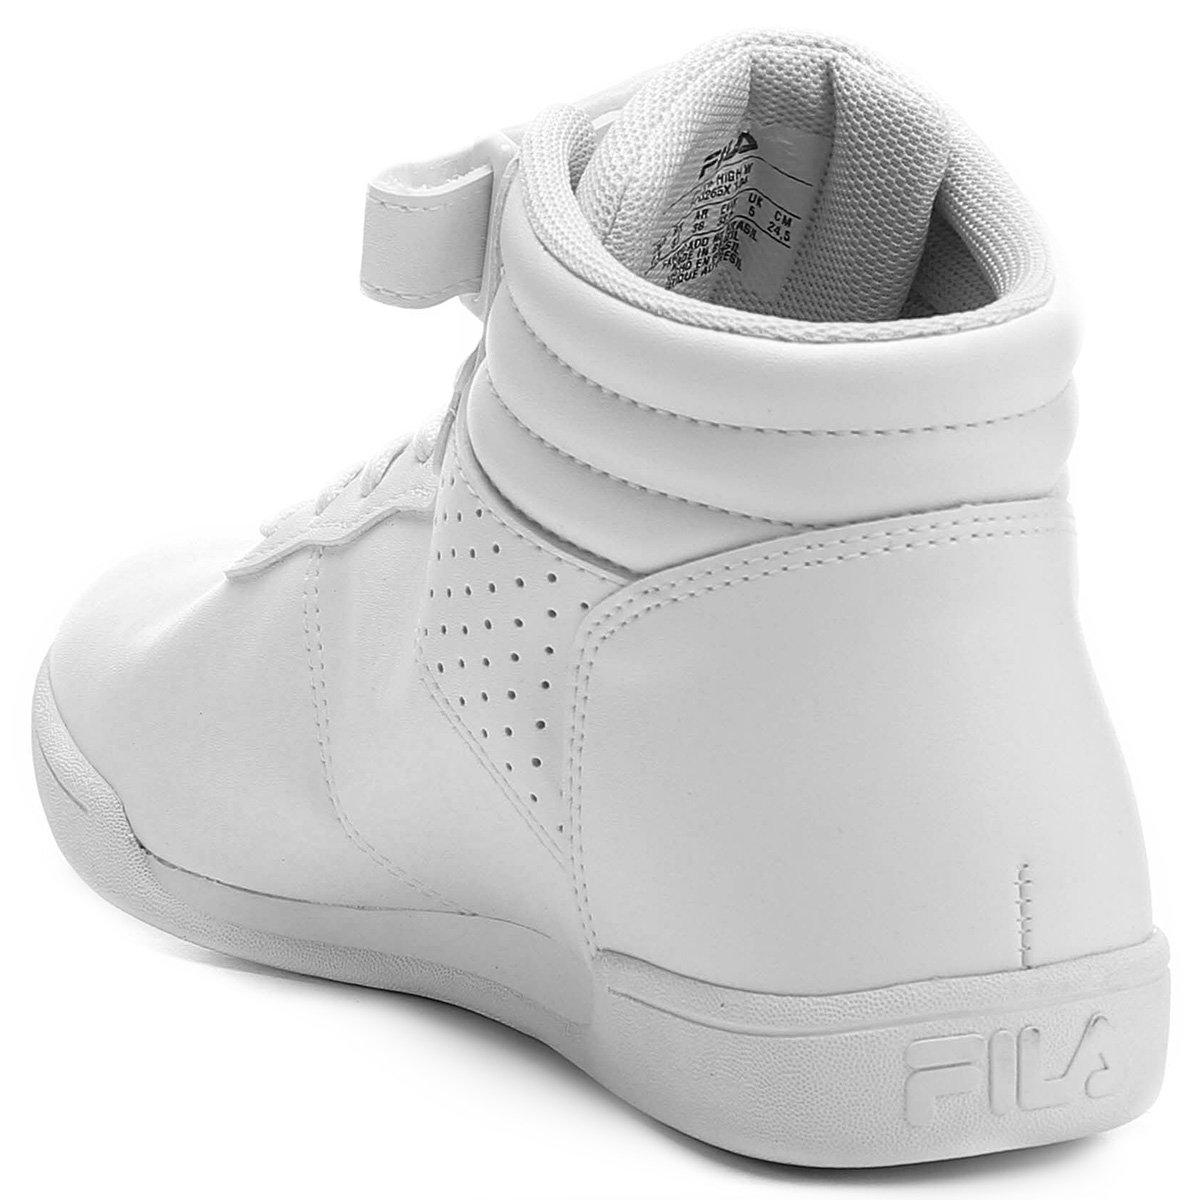 Tênis Cano Alto Fila F-16 High Feminino - Branco - Compre Agora ... 61a4e4a58a641